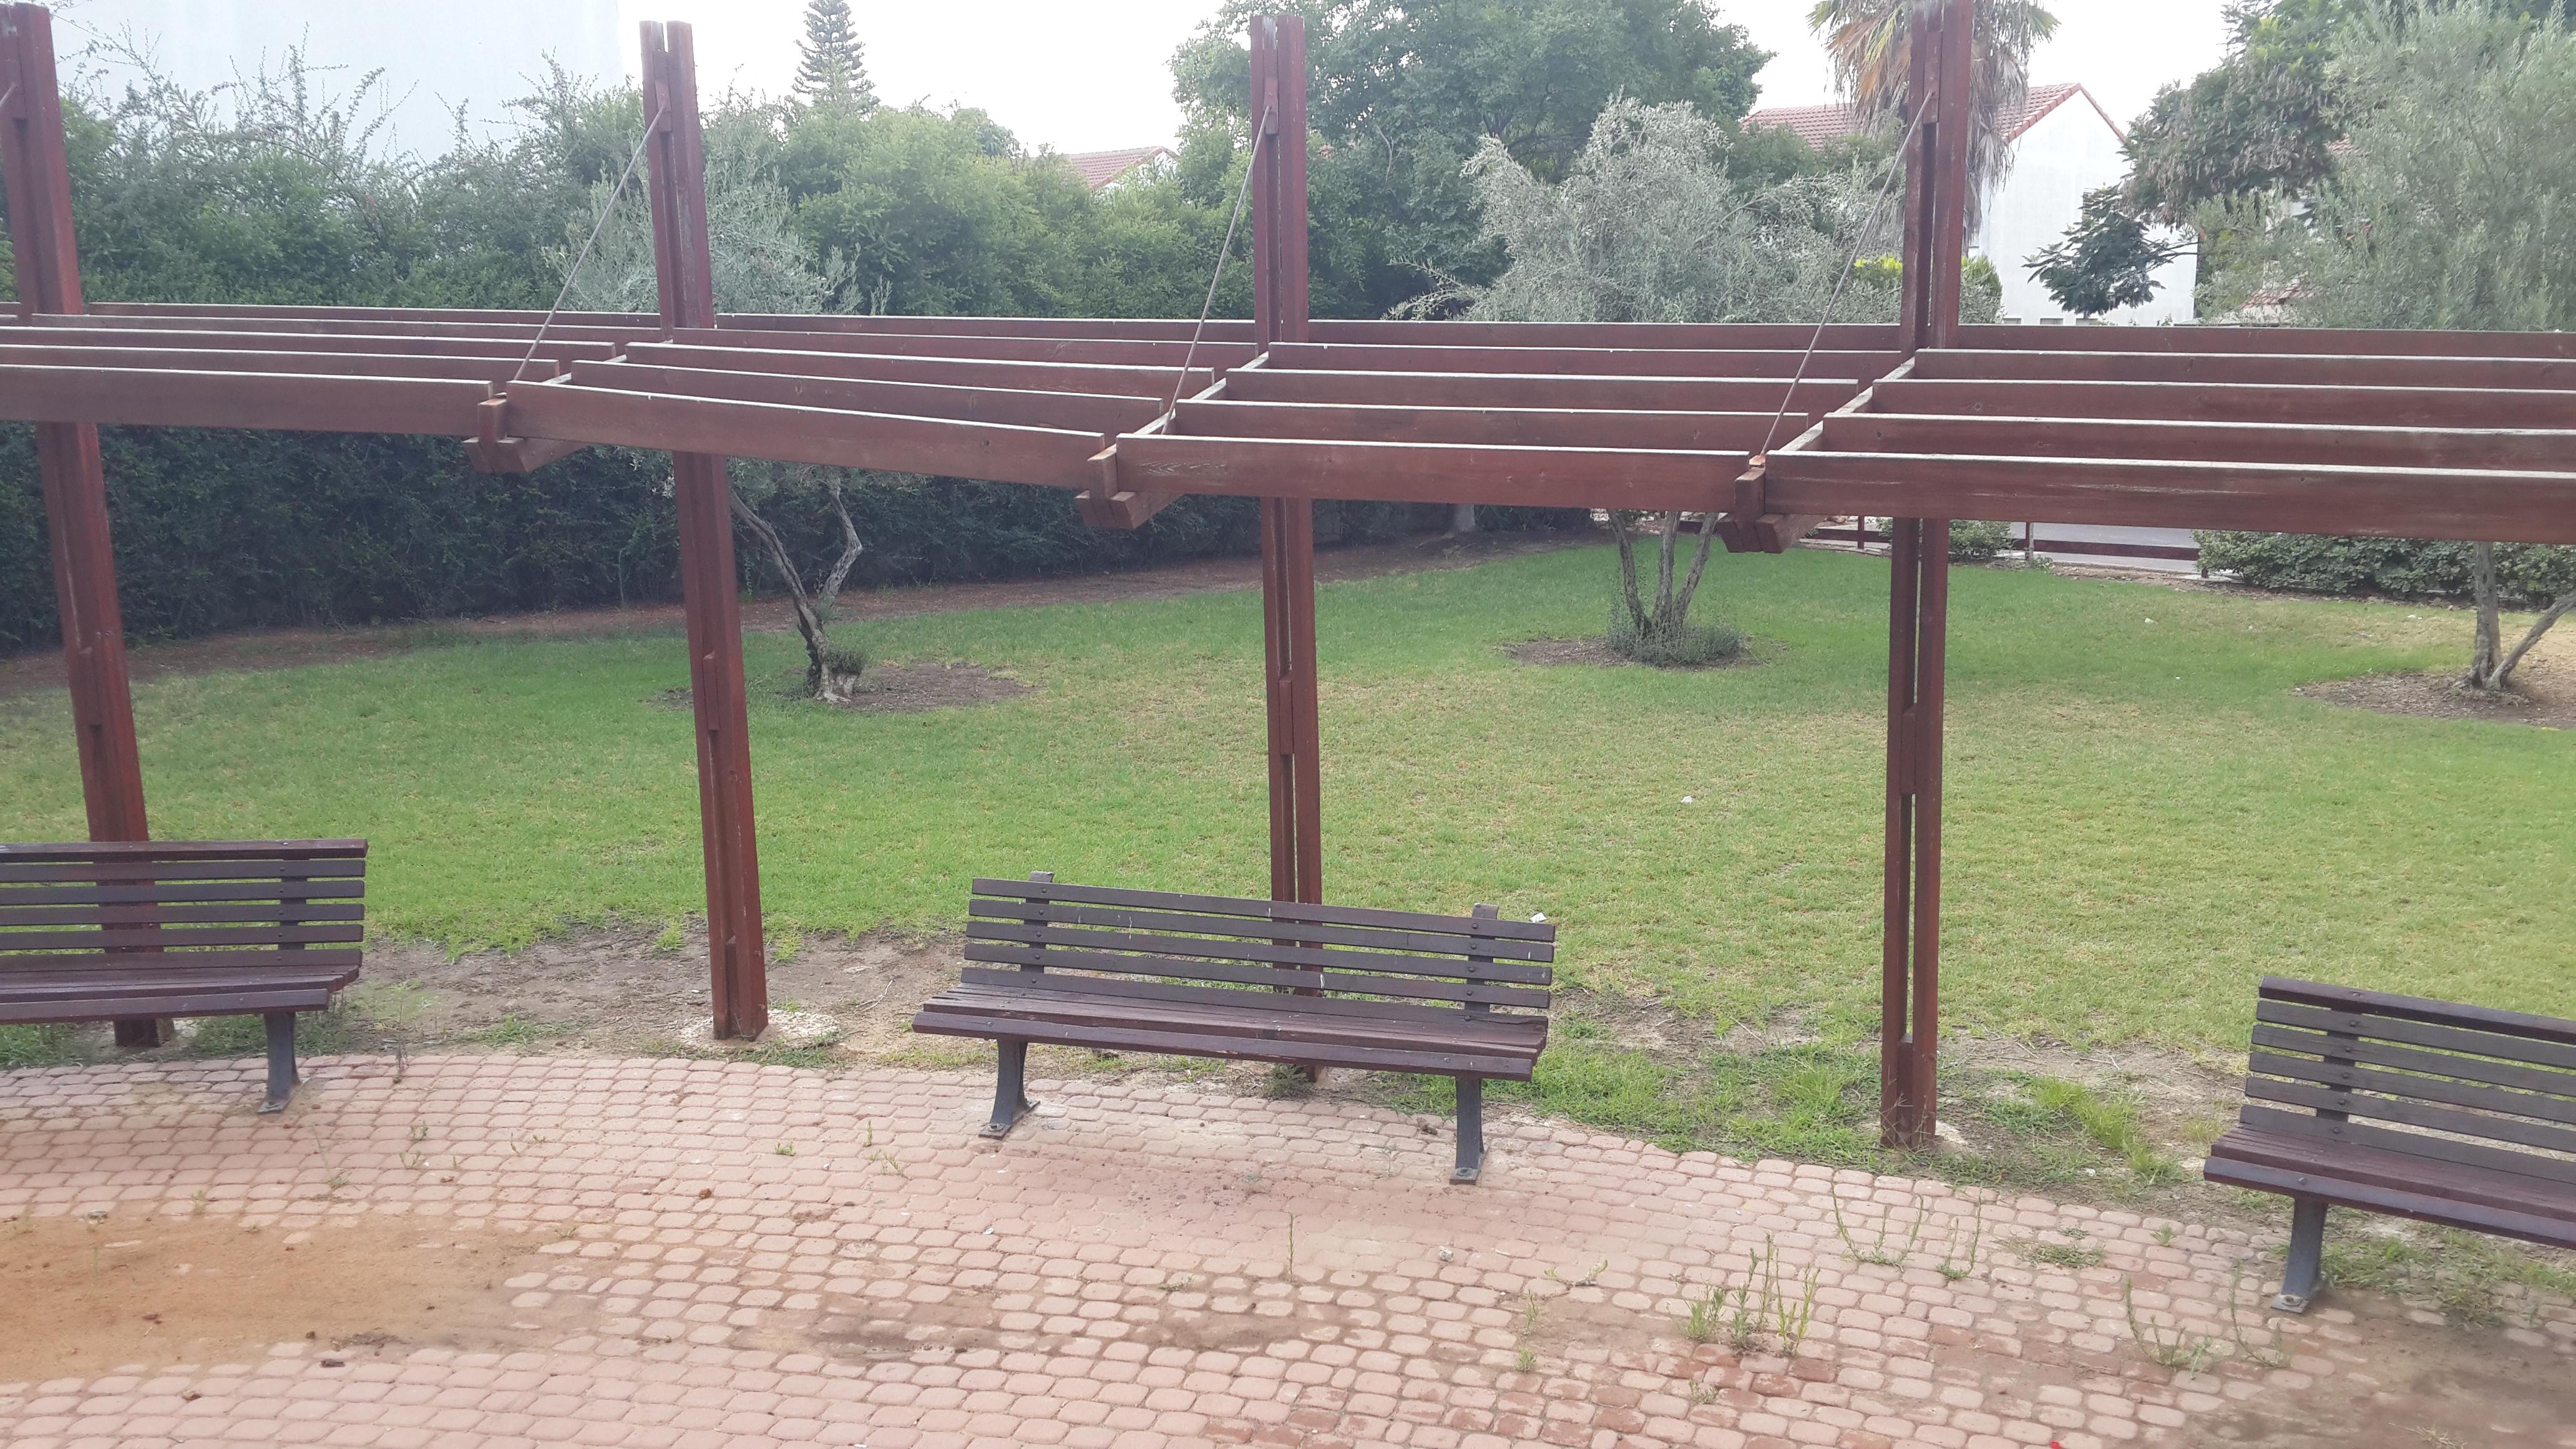 פרוק פרגולה מסוכנת בגן ערבה